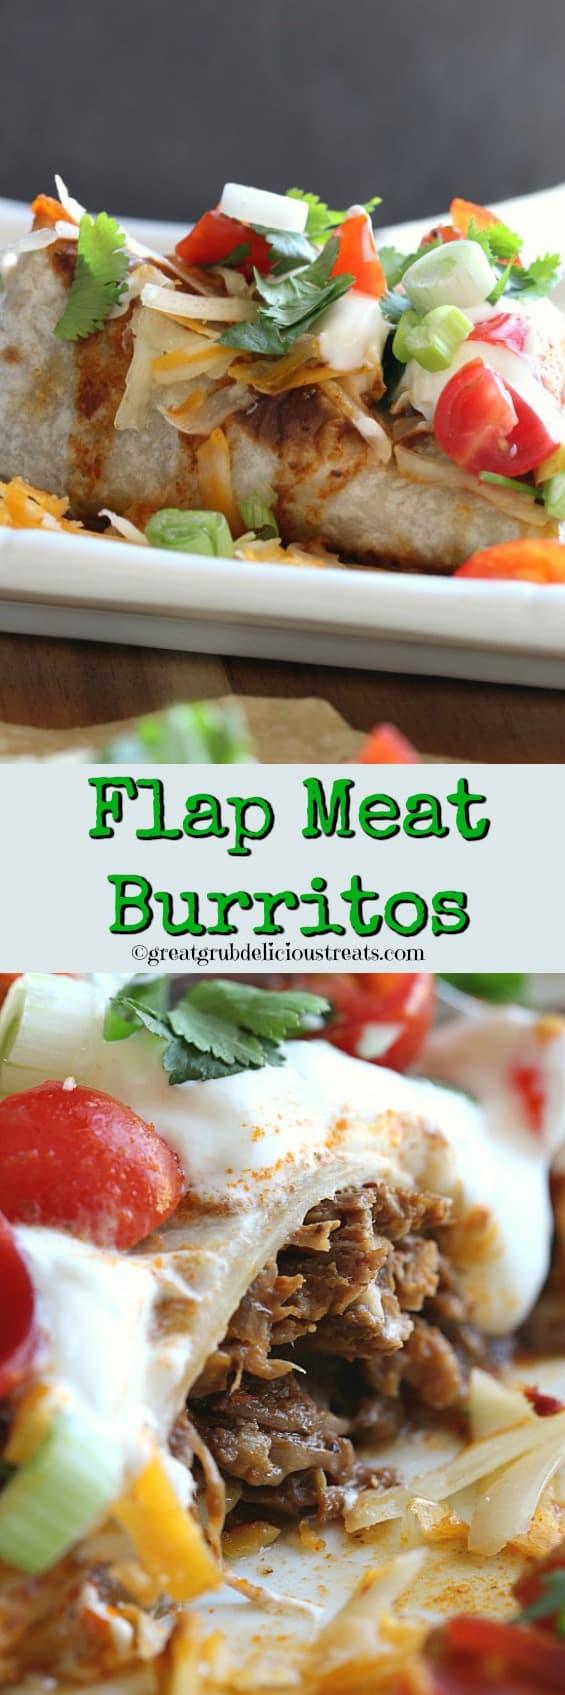 Flap Meat Burritos